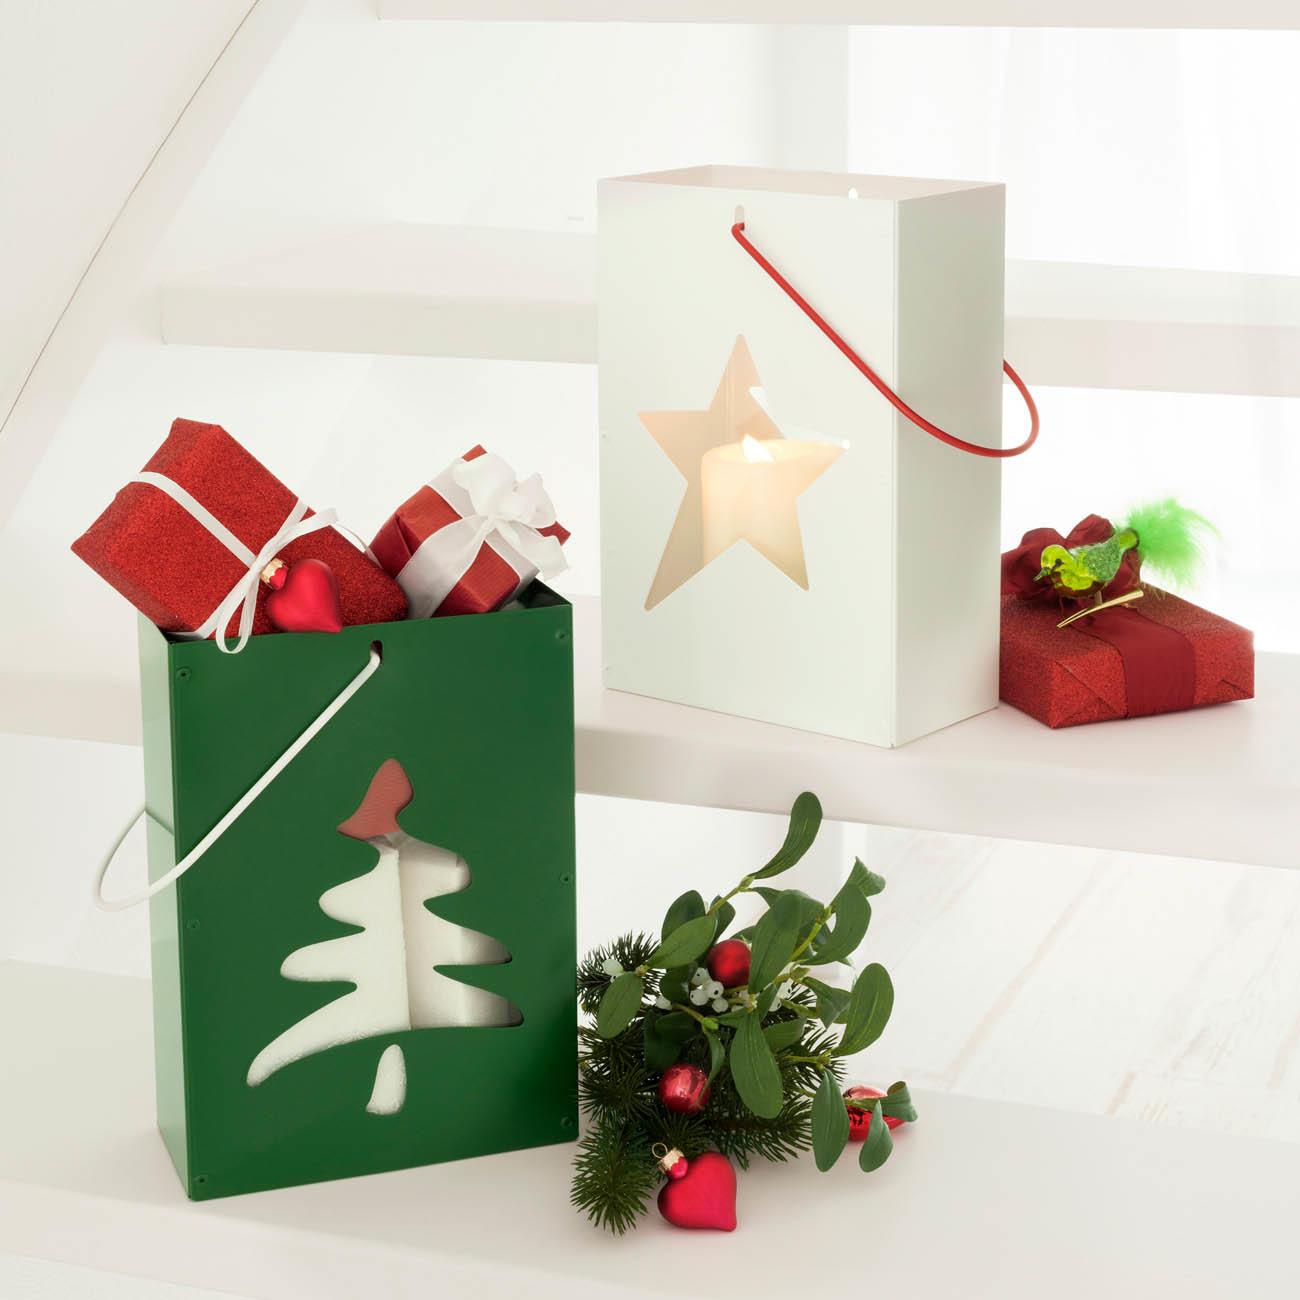 Acheter photophore emballage cadeau en ligne pas cher - Emballage cadeau pas cher ...